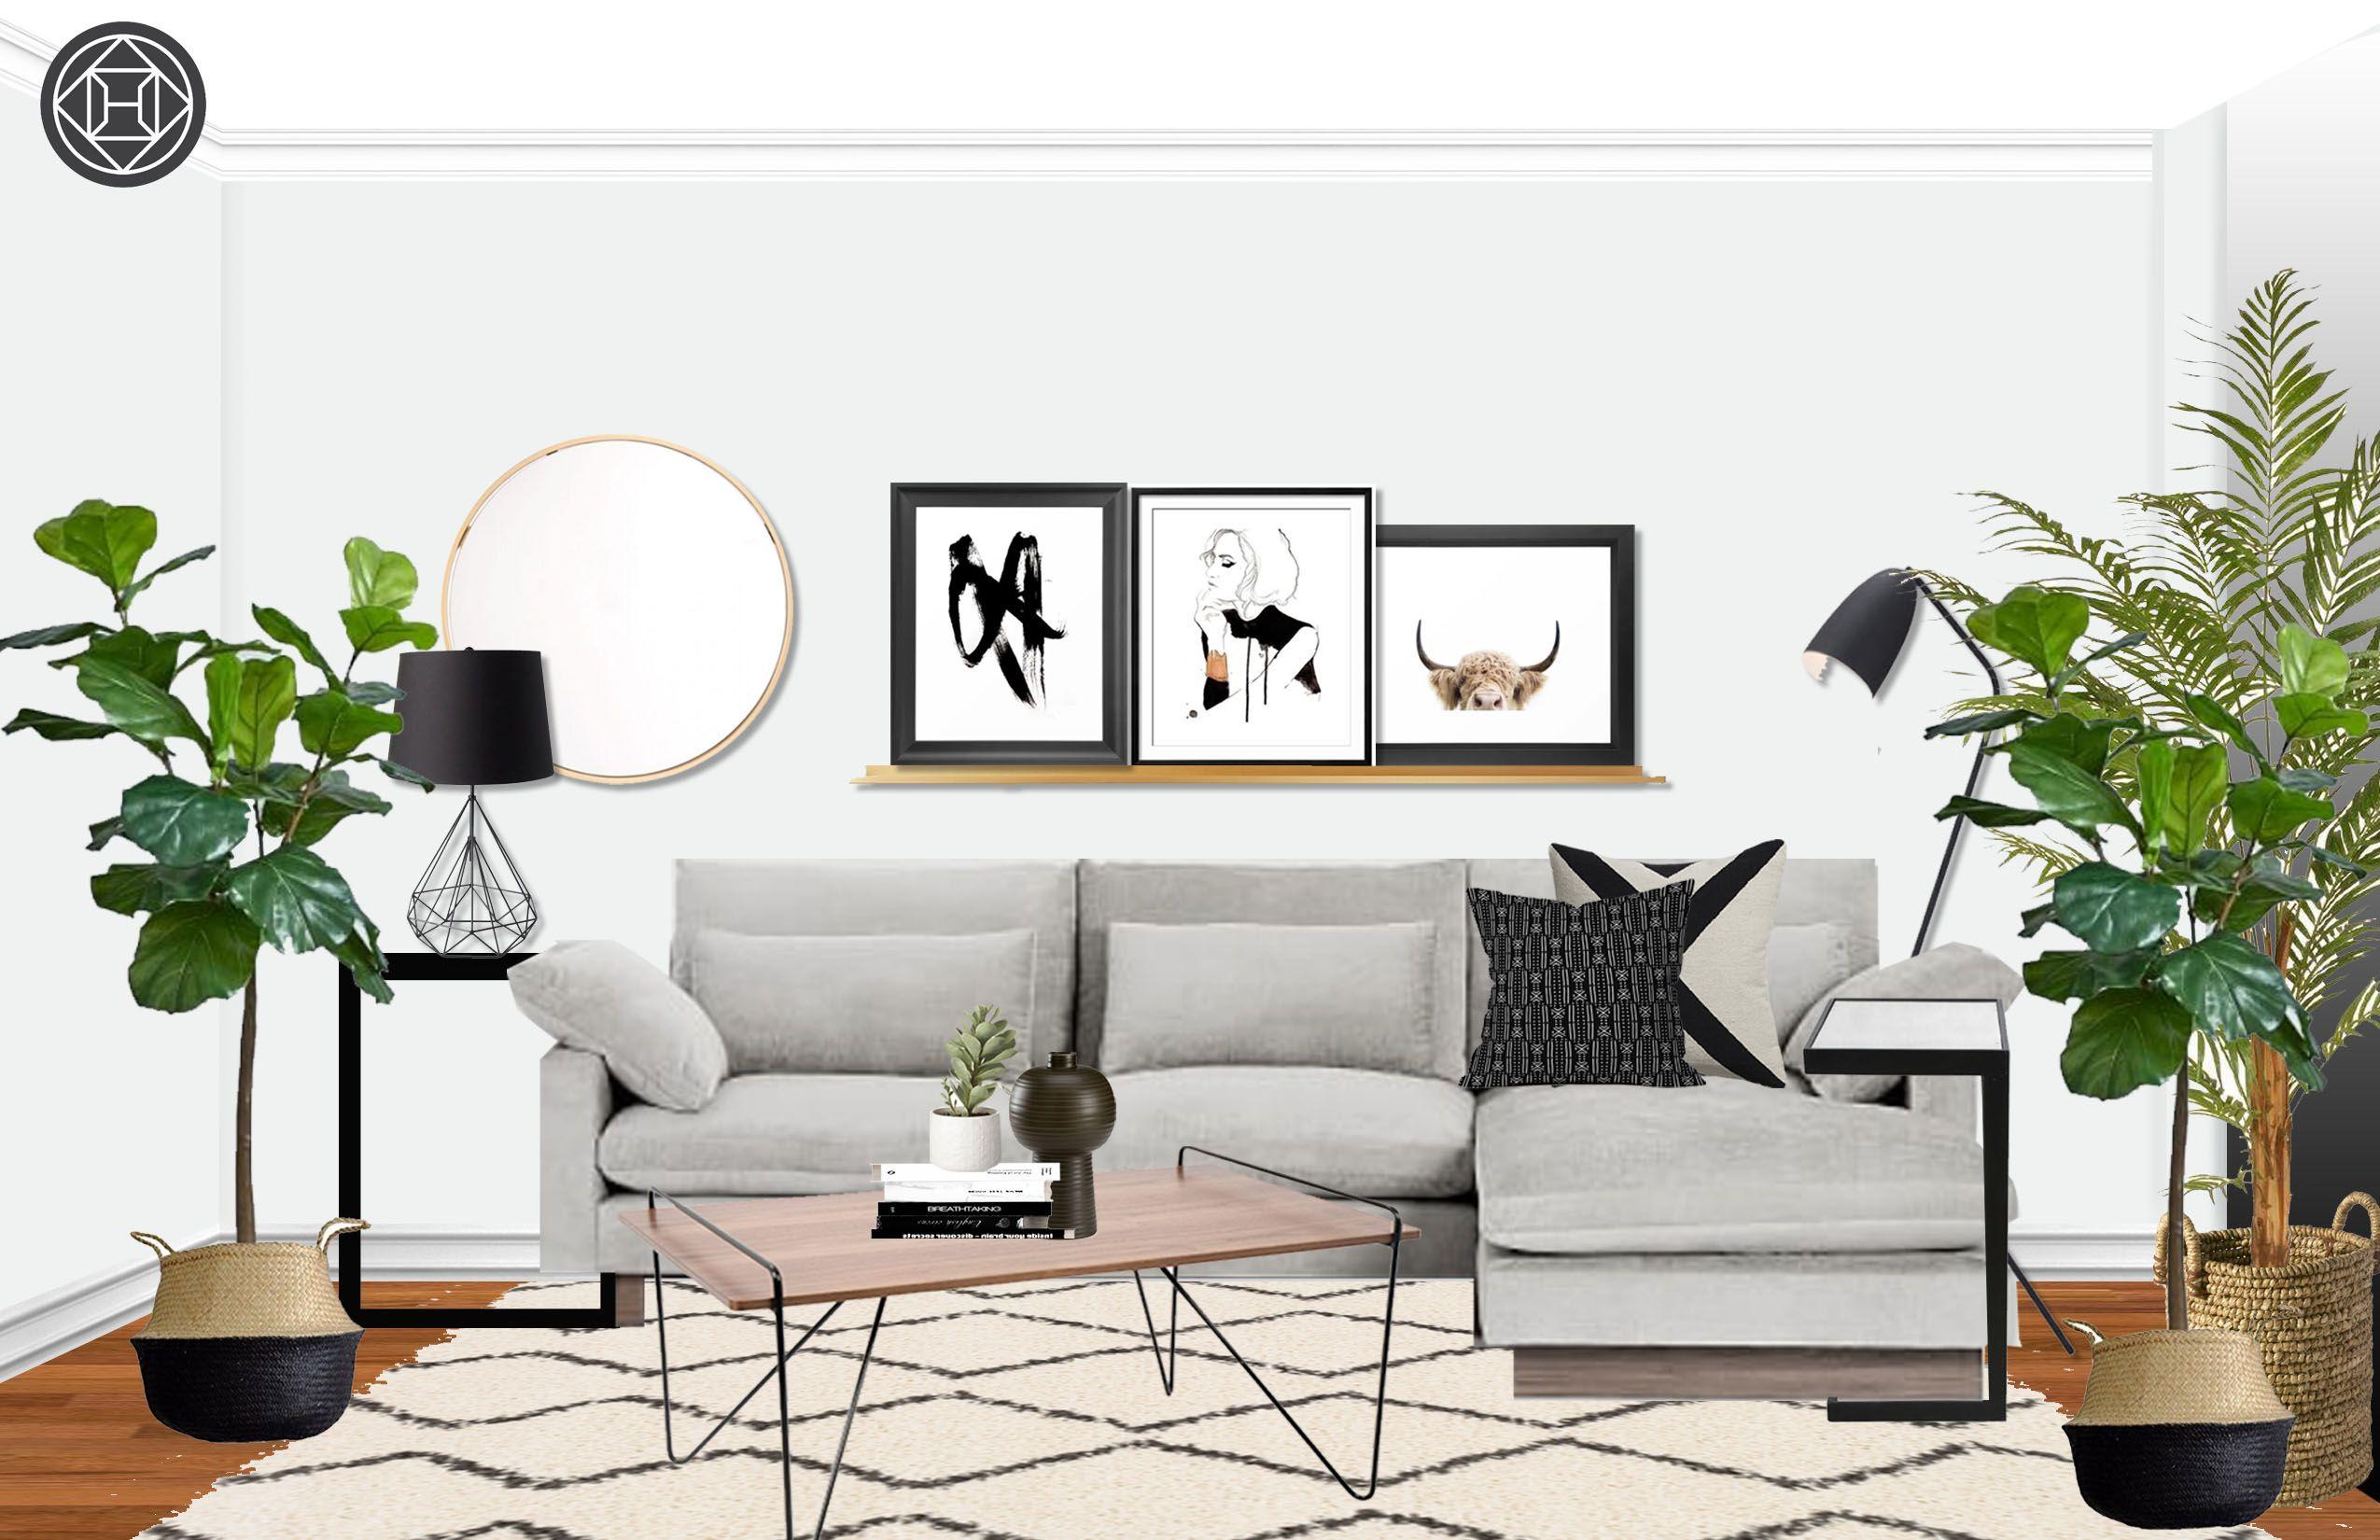 Eclectic Midcentury Modern Scandinavian Living Room Design By Havenly Interior Designer Courtney Living Room Scandinavian Mid Century Modern Living Room Scandinavian Design Living Room